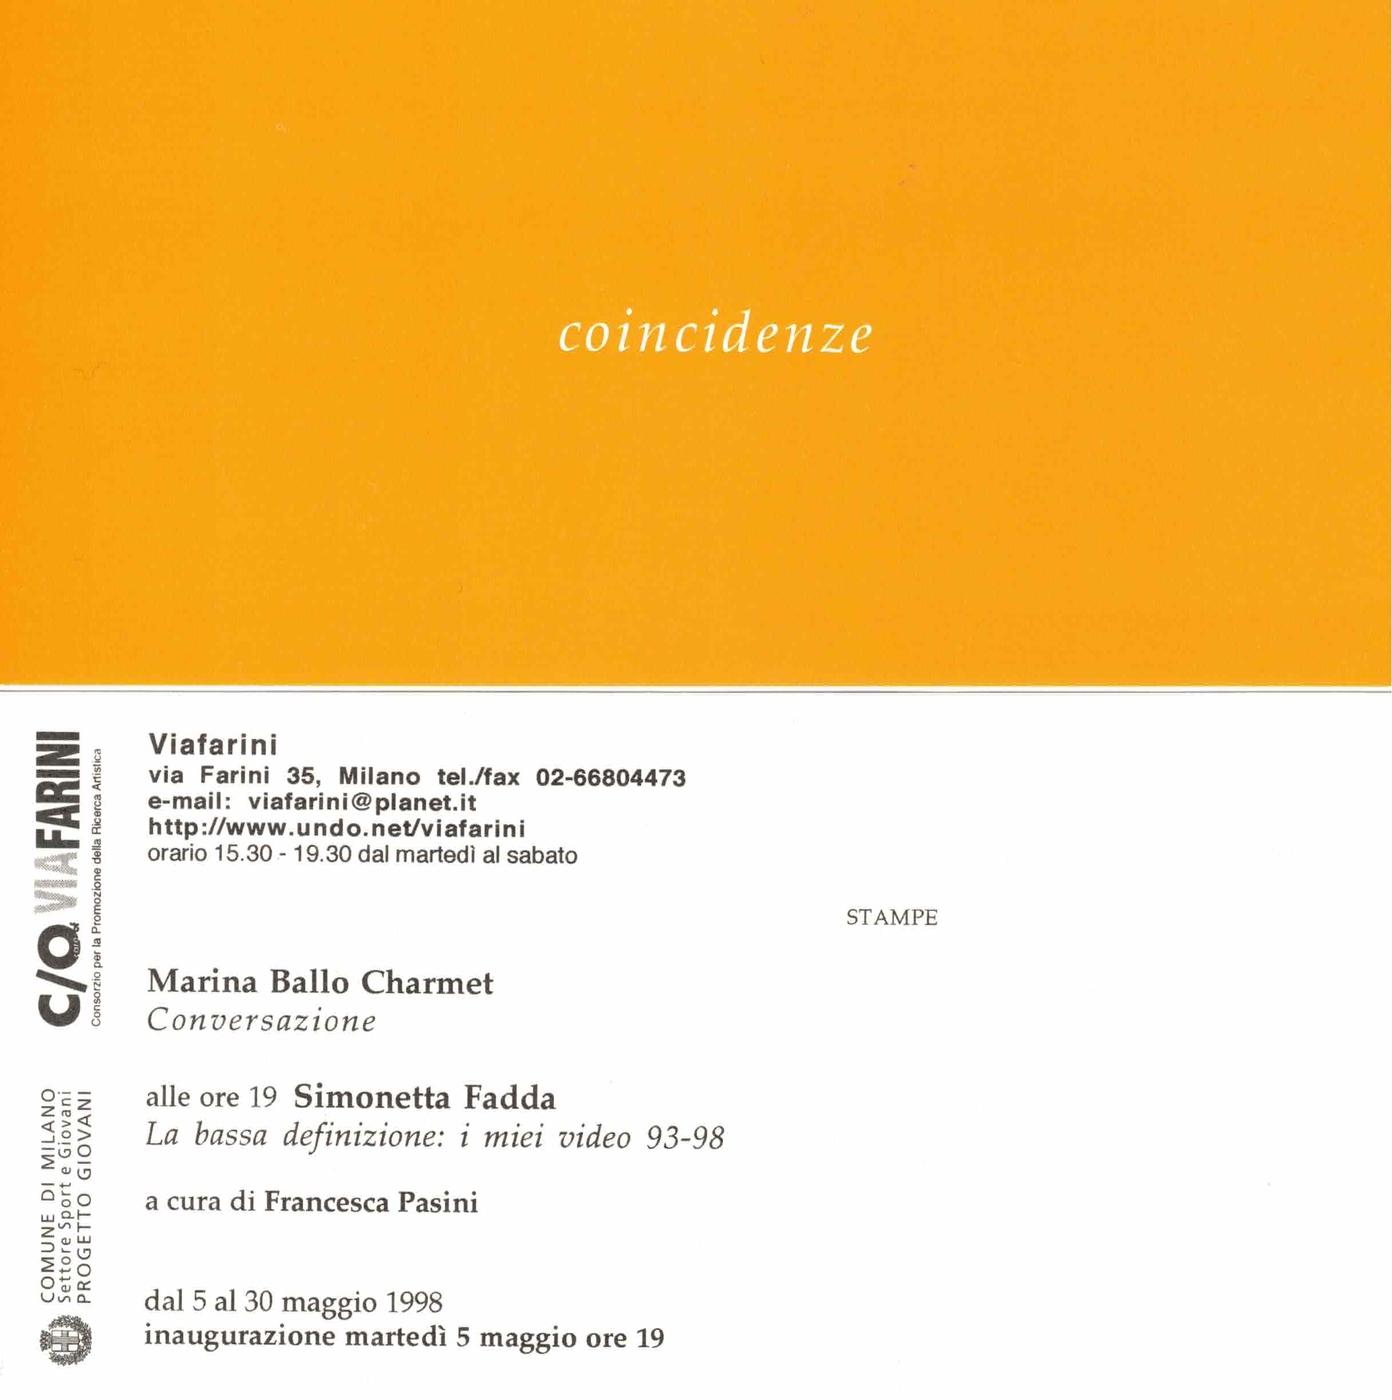 Marina Ballo Charmet, Simonetta Fadda, Coincidenze